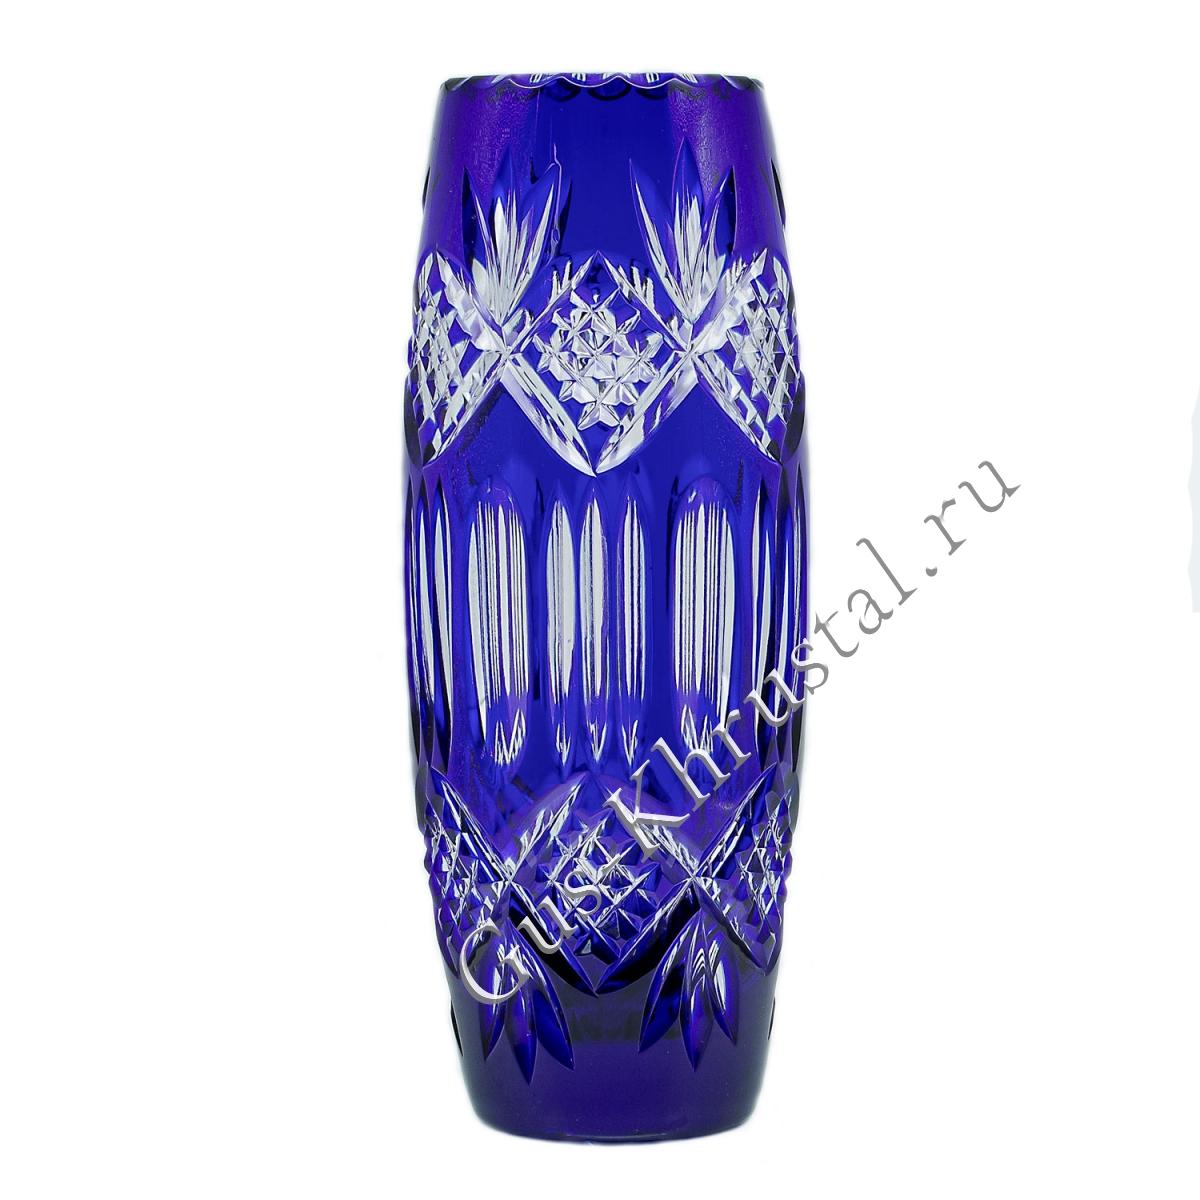 Ваза Хрустальная Для Цветов Синяя 1